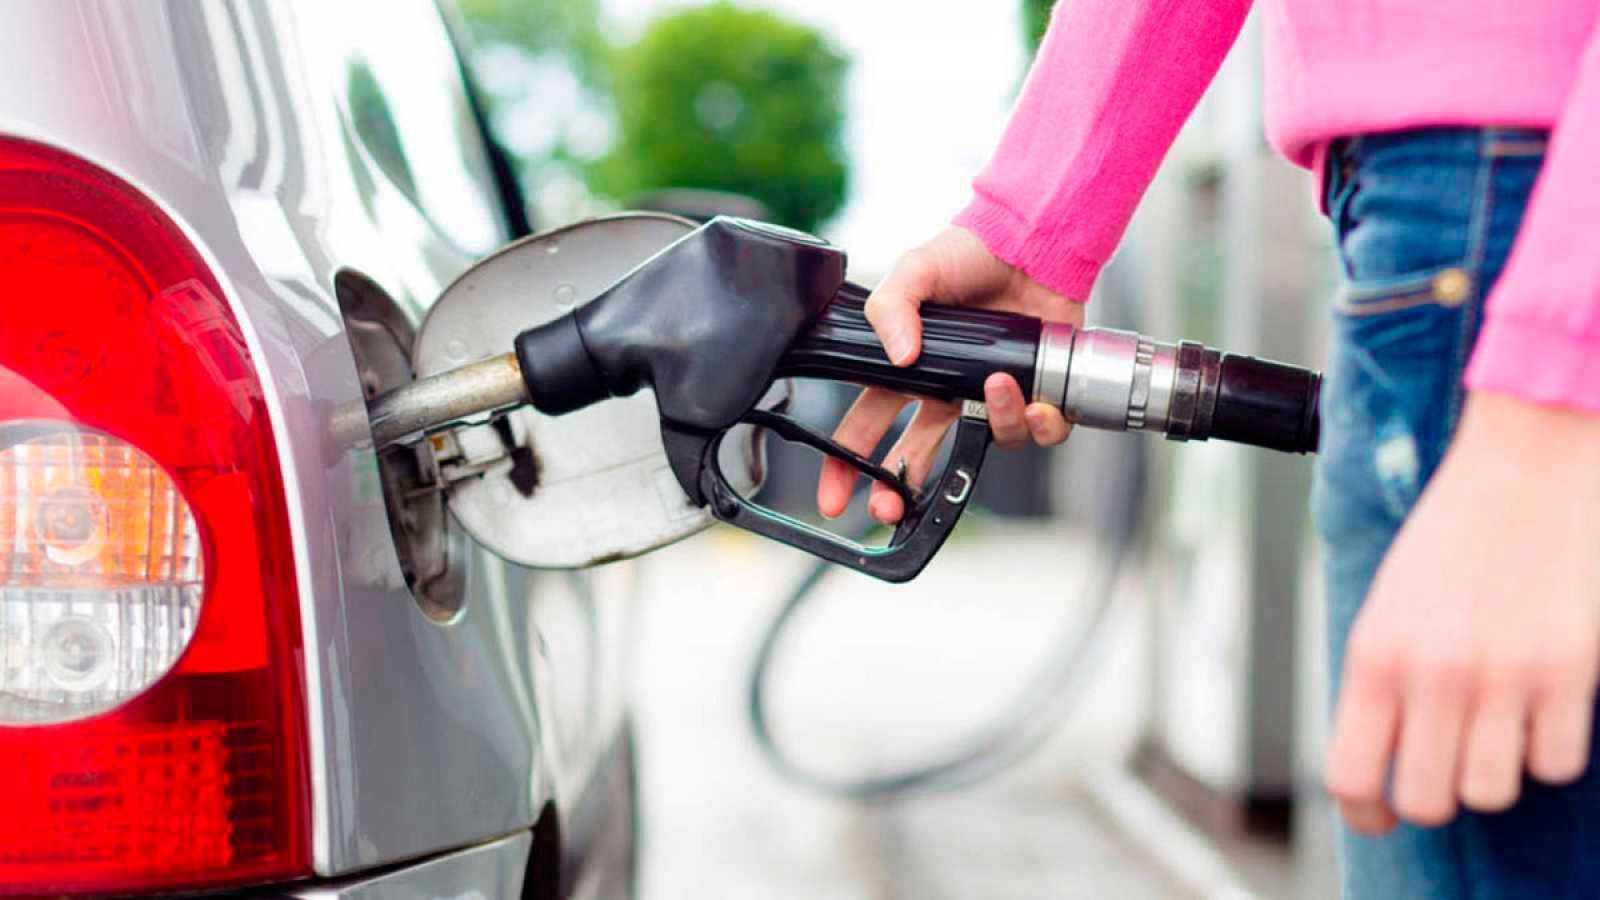 """A partir del doce de octubre cambia el etiquetado de los combustibles en las gasolineras: la gasolina se identificará con un círculo y la letra """"E"""", el diésel con un cuadrado y la leta """"B"""", y los gases con un rombo."""